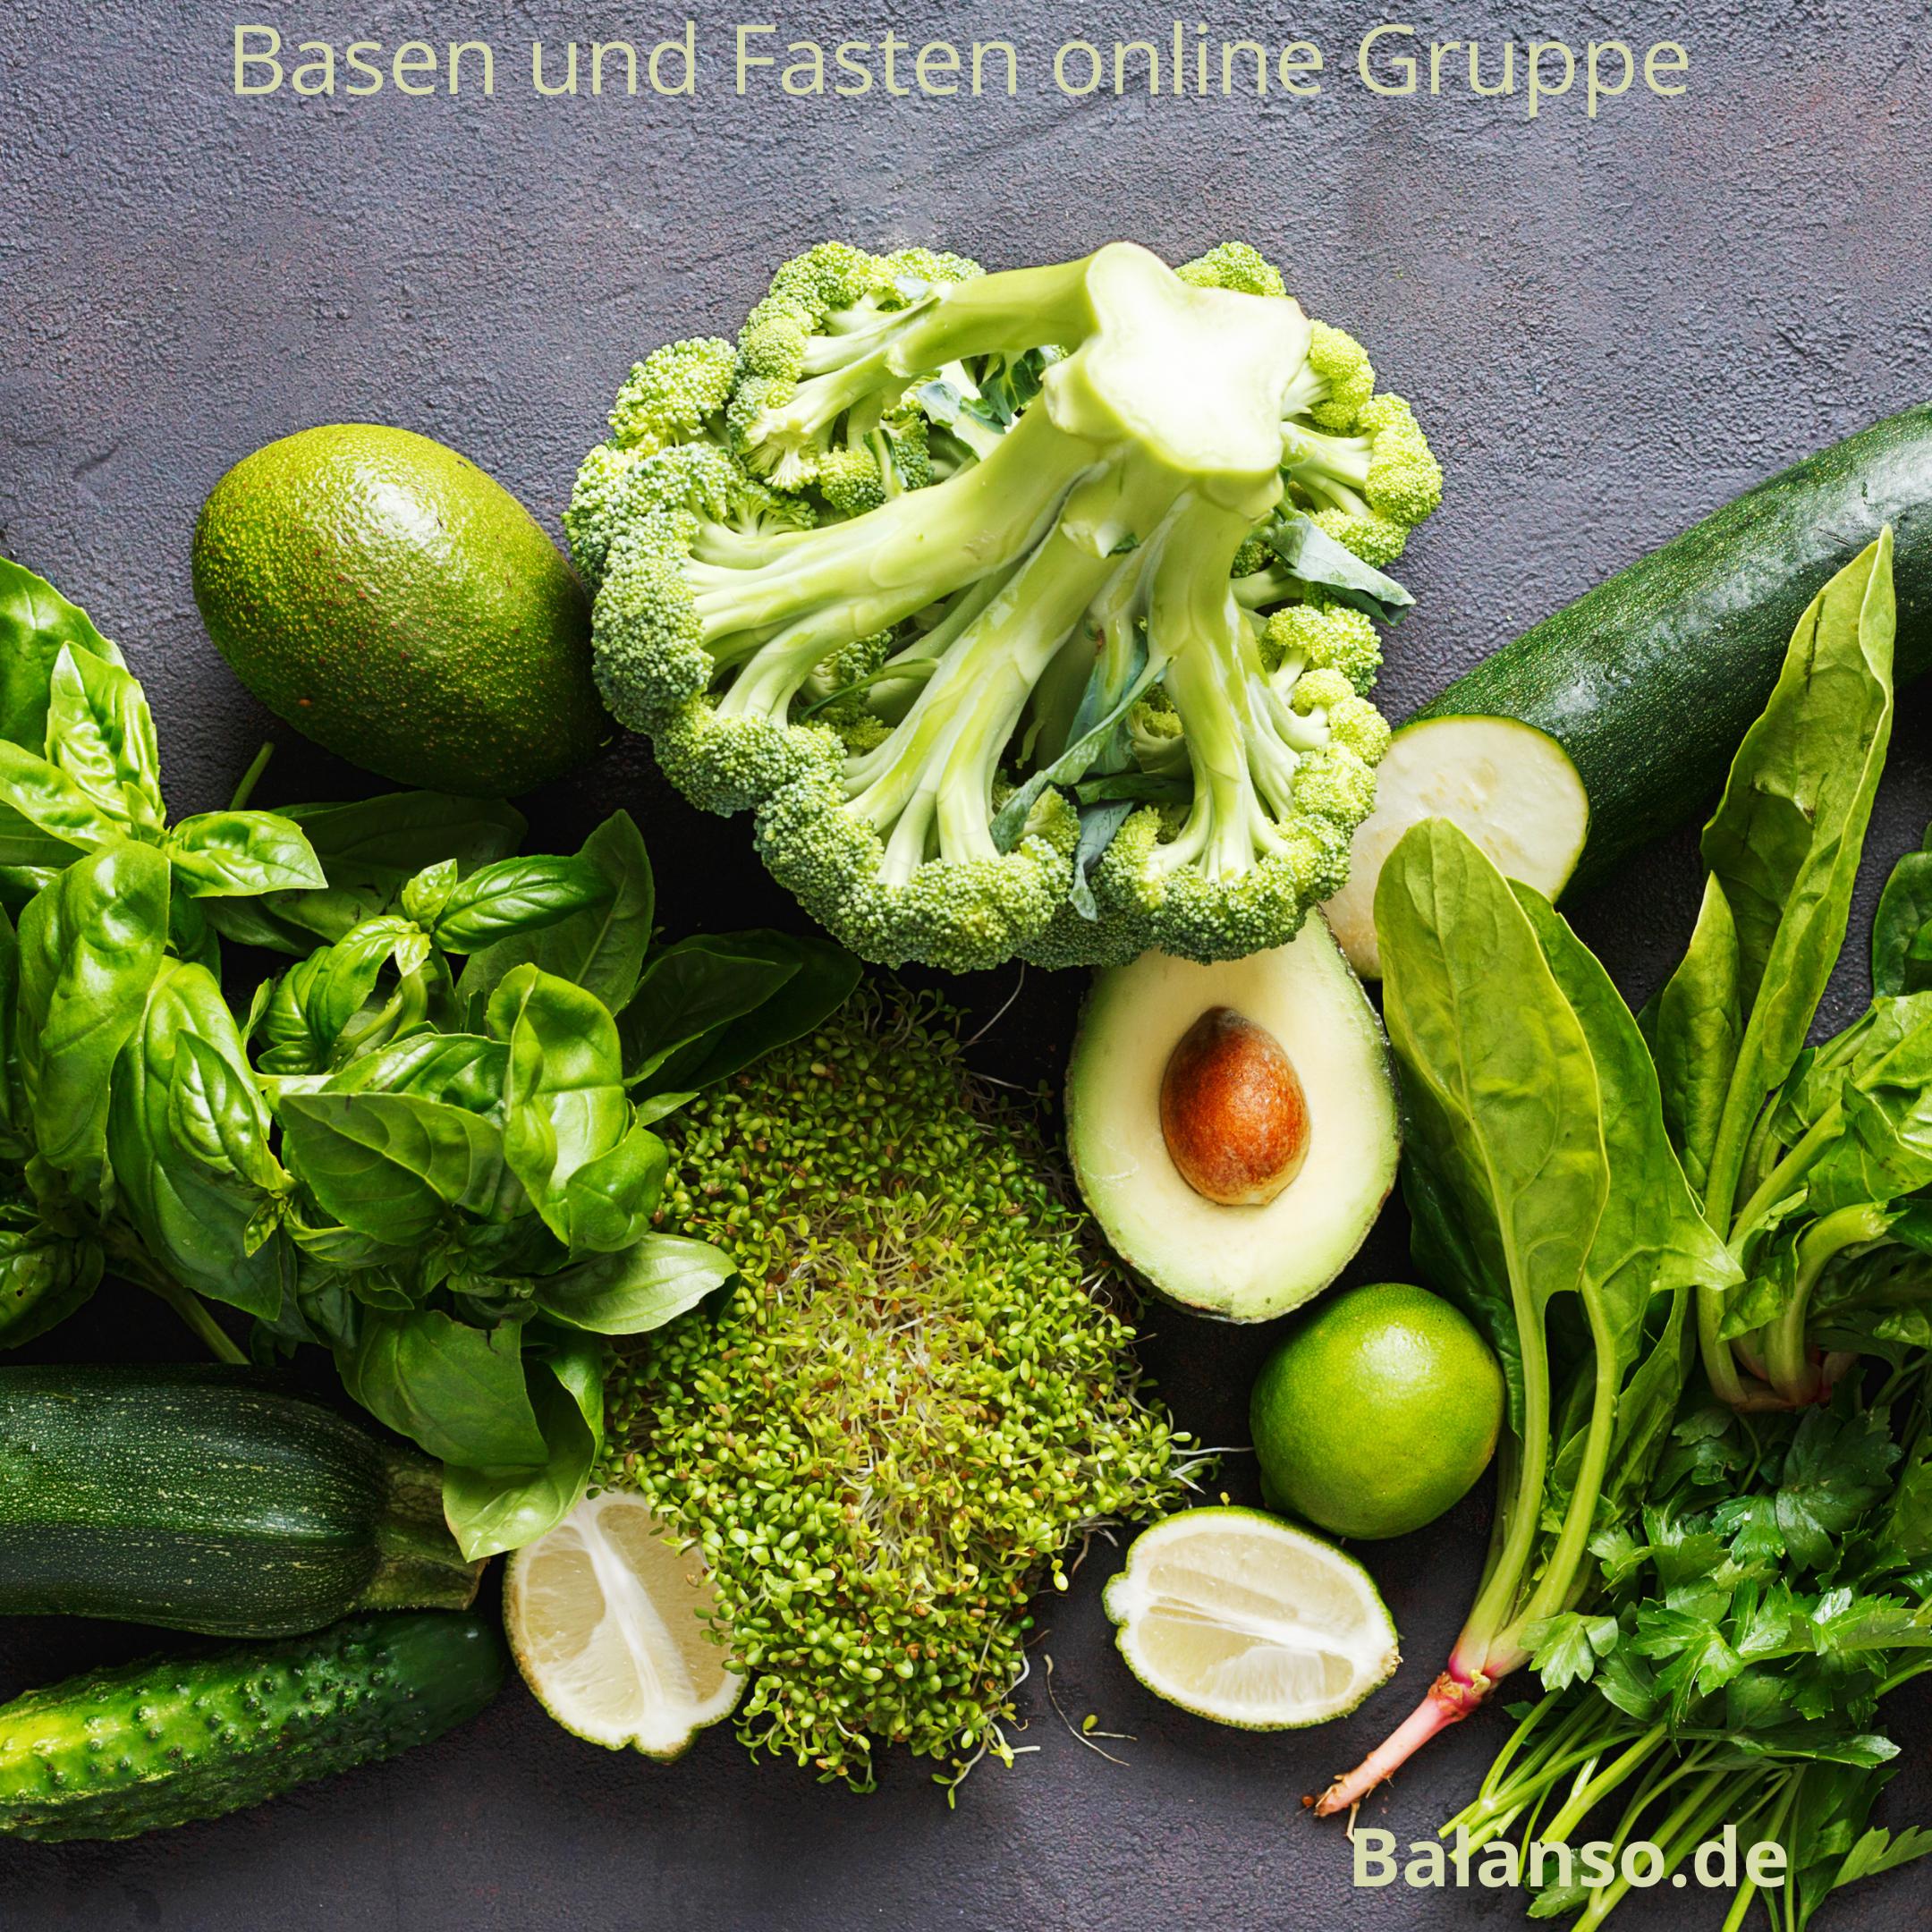 Basen und Fasten online Gruppe